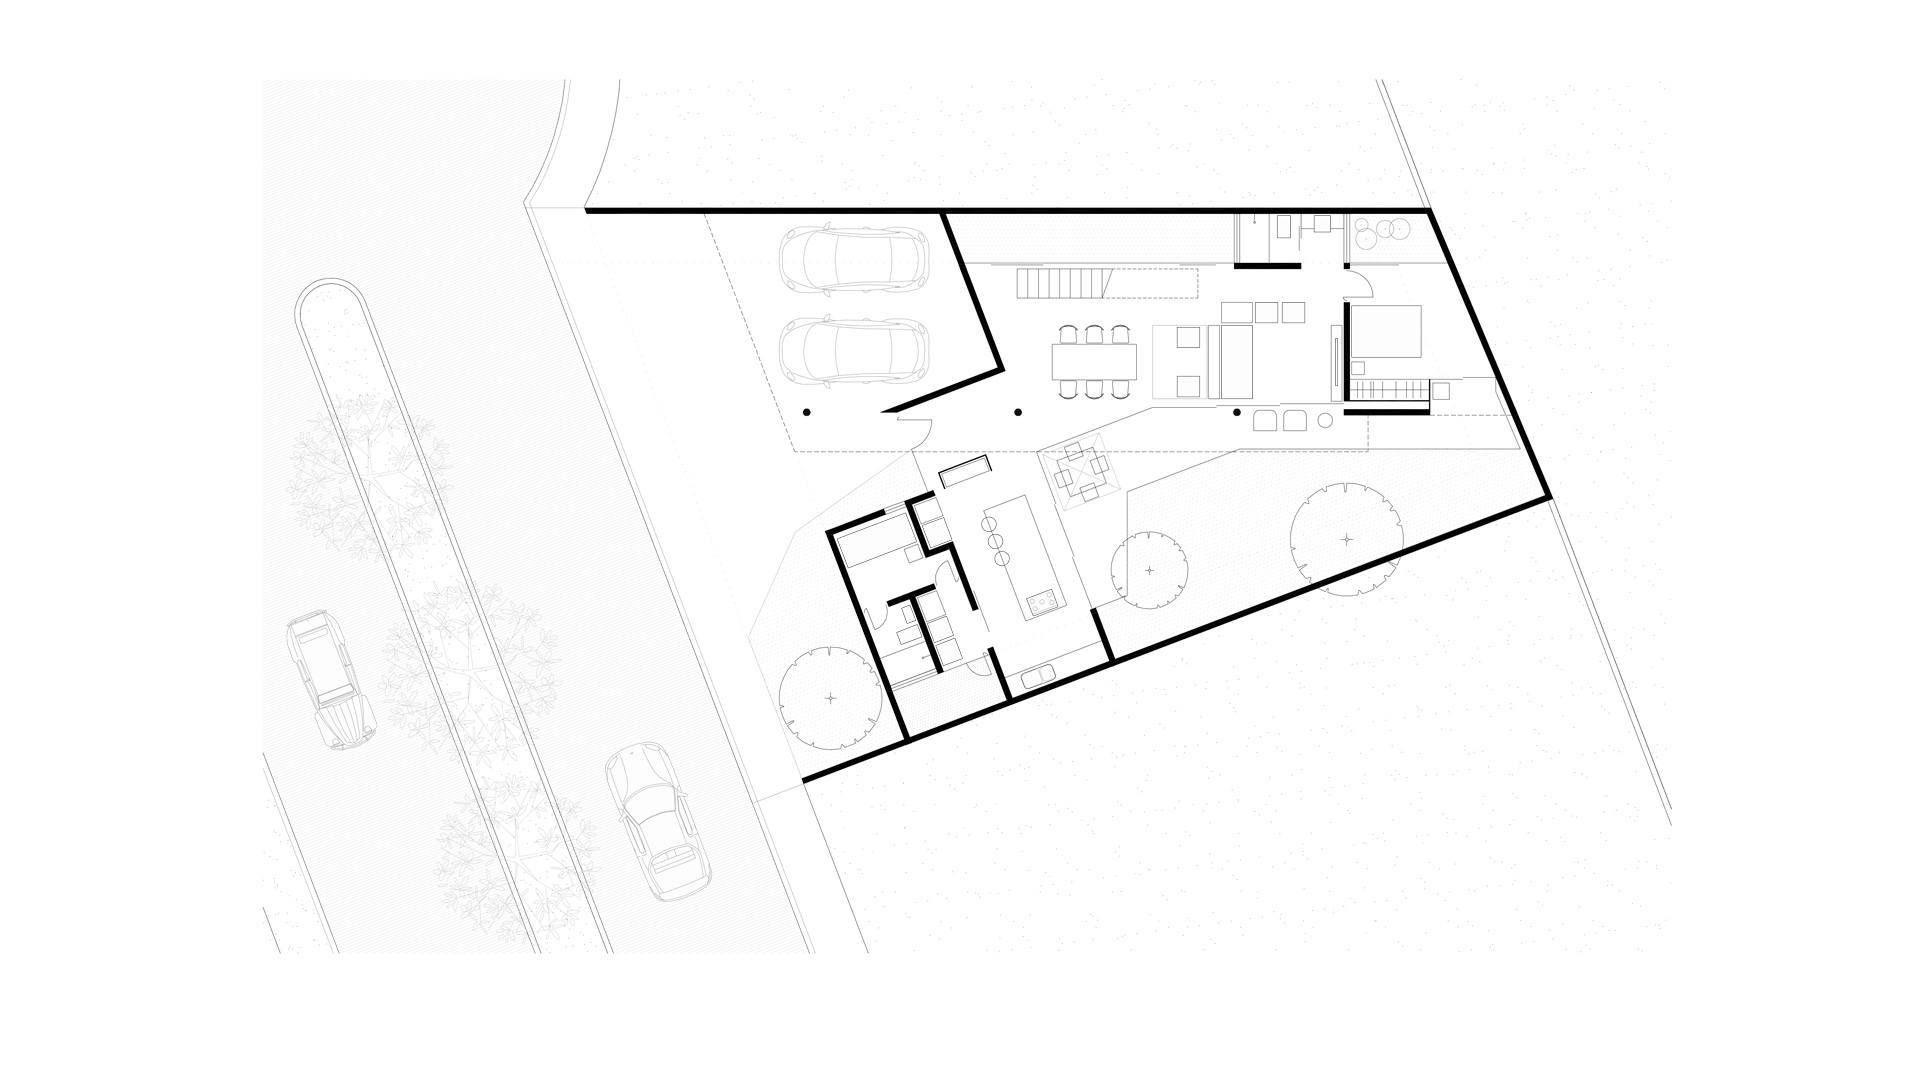 residencia_bonanza_planta-pav-terreo